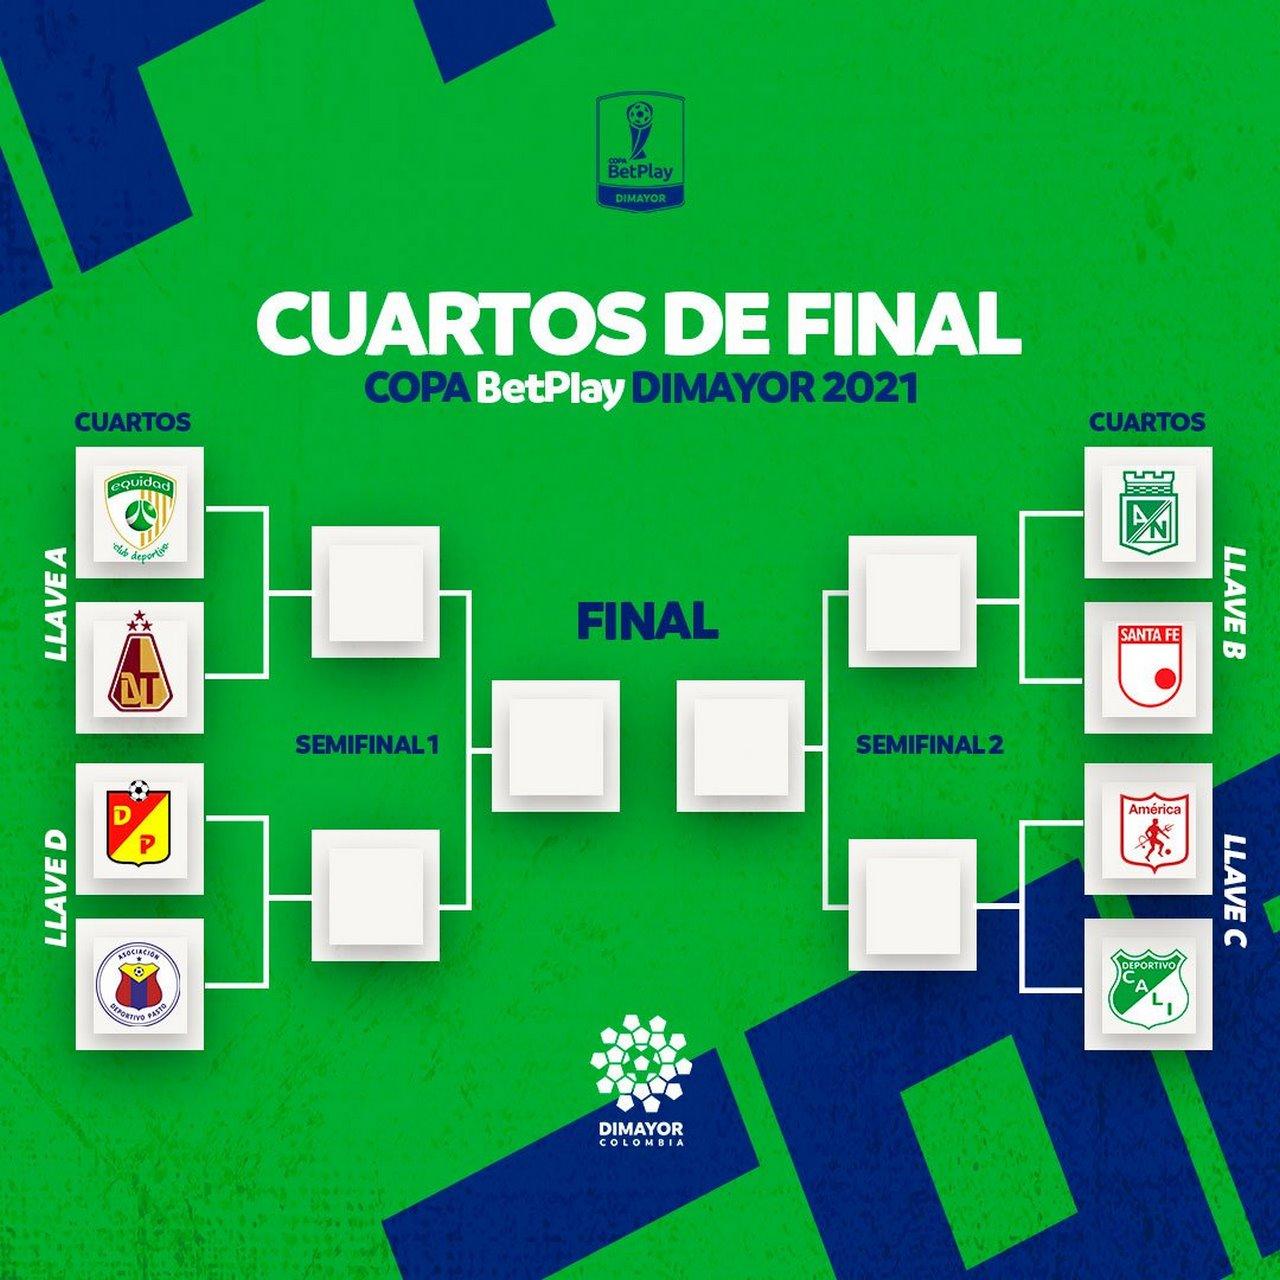 Asi quedaron las llaves de cuartos de final de la Copa BetPlay